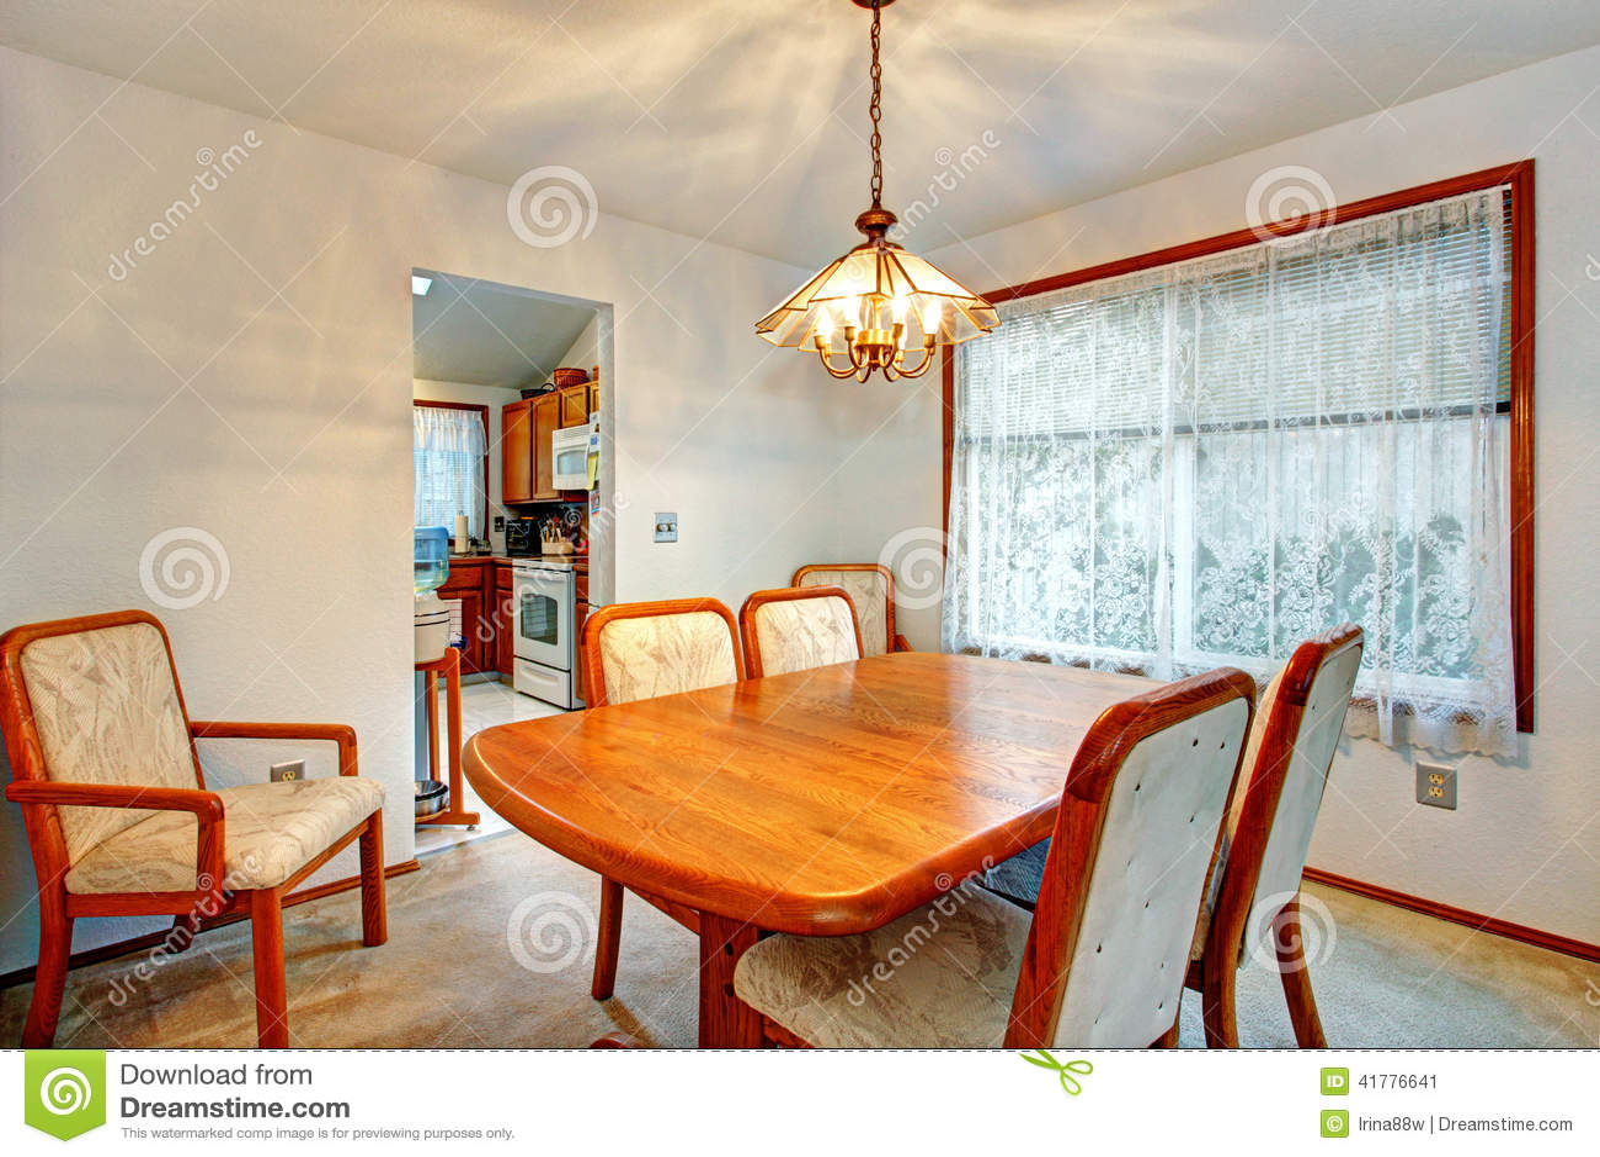 gemütliches kleines esszimmer mit fenster stockfoto - bild: 41776641